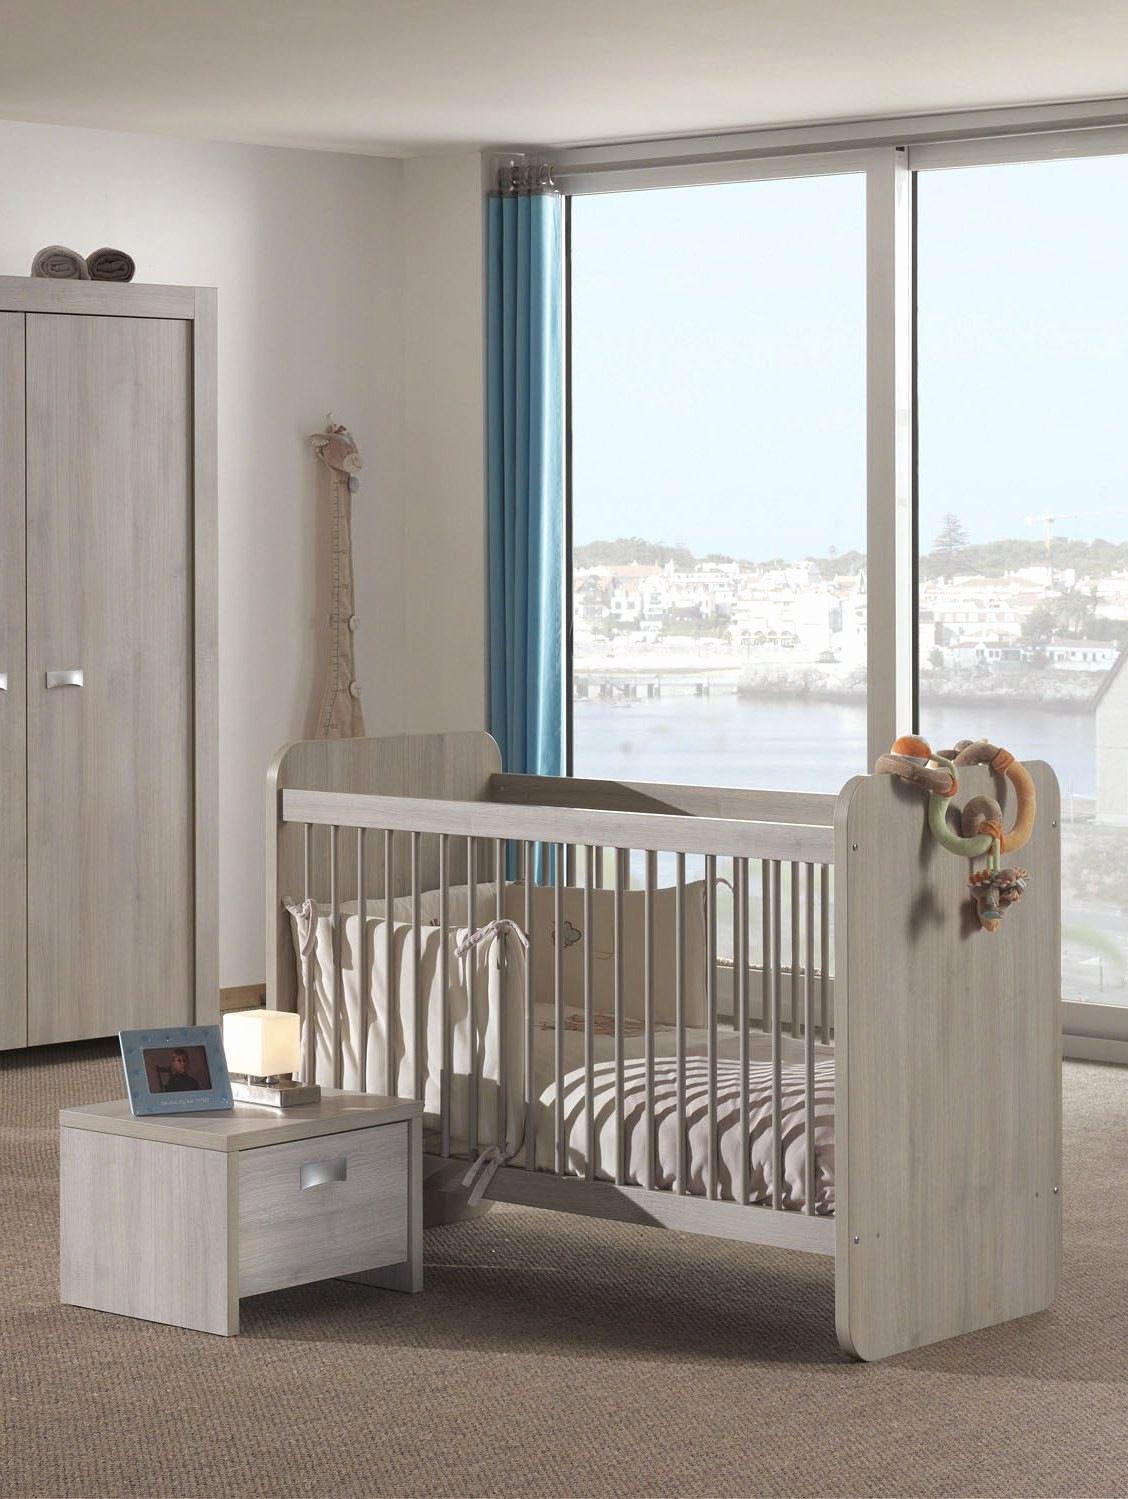 Lit Au sol Pour Bébé De Luxe Lit Bébé Design Matelas Pour Bébé Conception Impressionnante Parc B